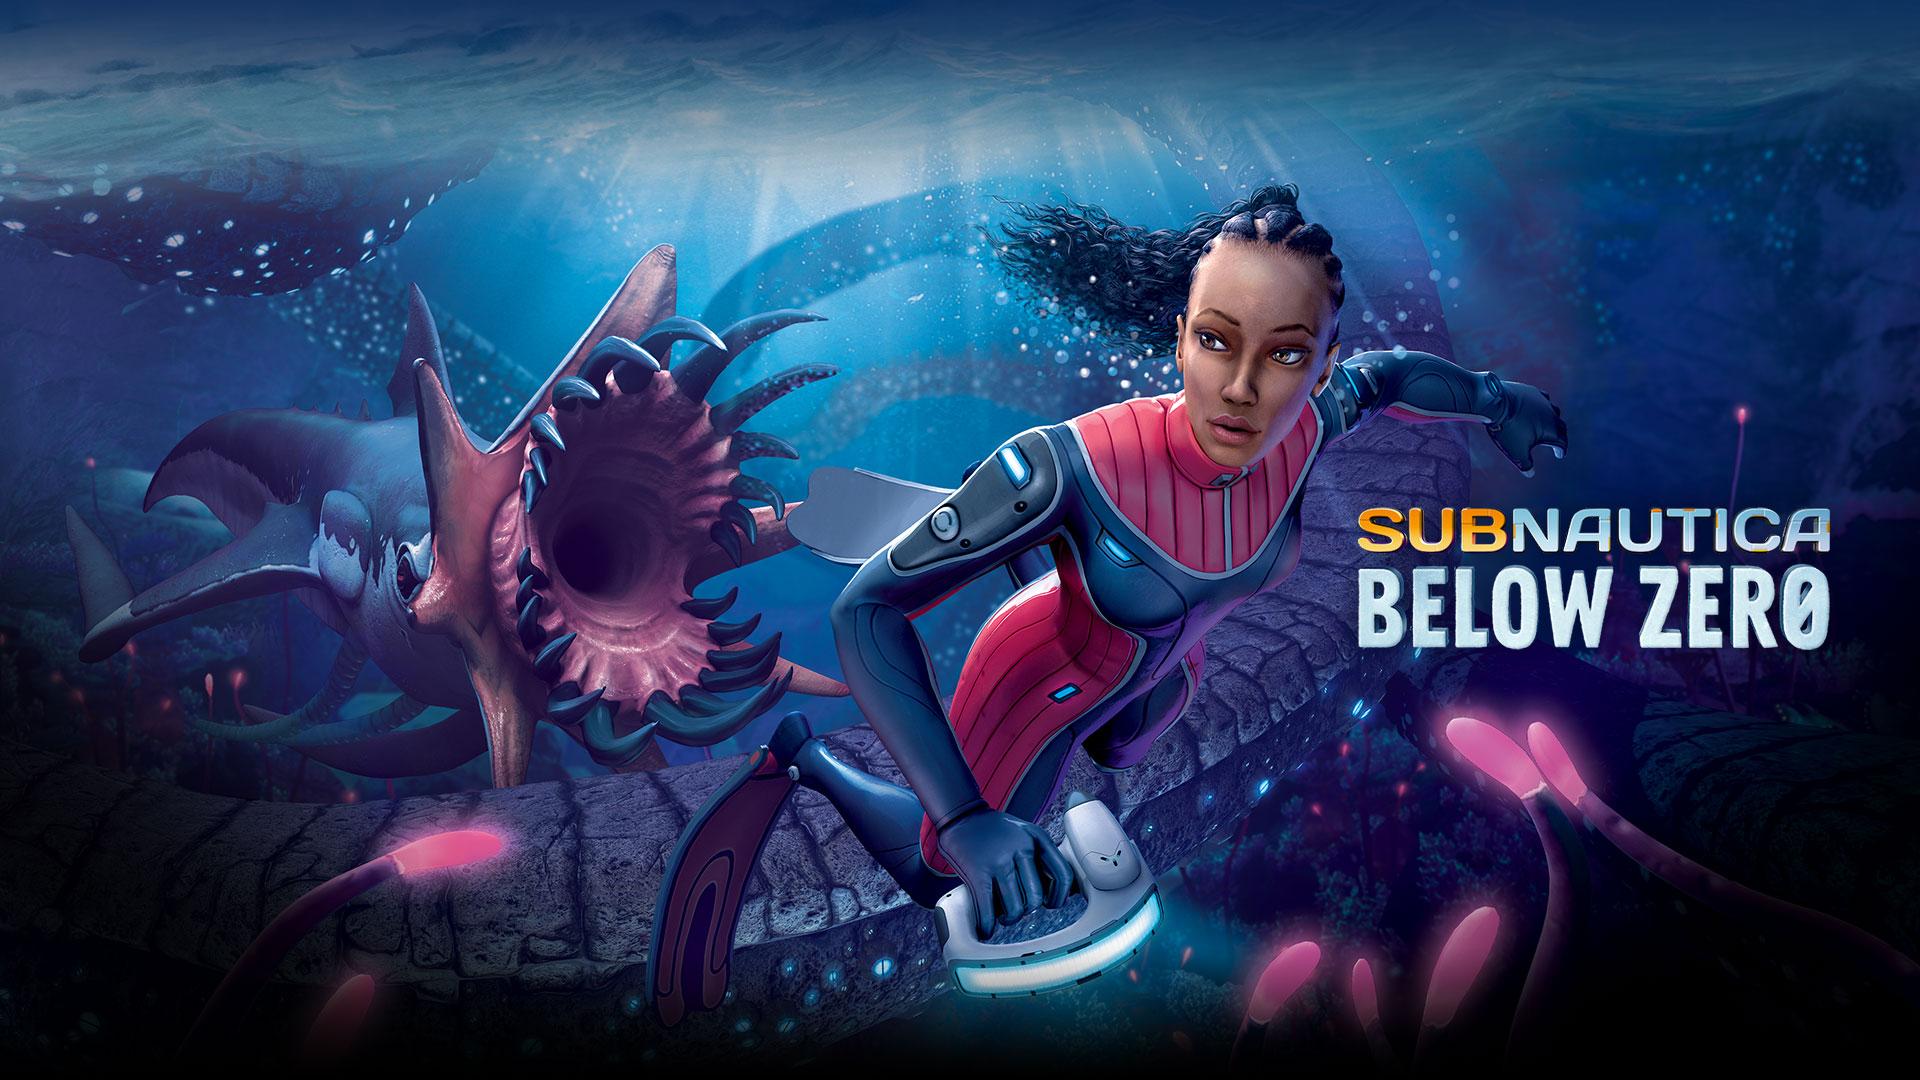 Subnautica Below Zero, Robin swims away from an underwater monster.